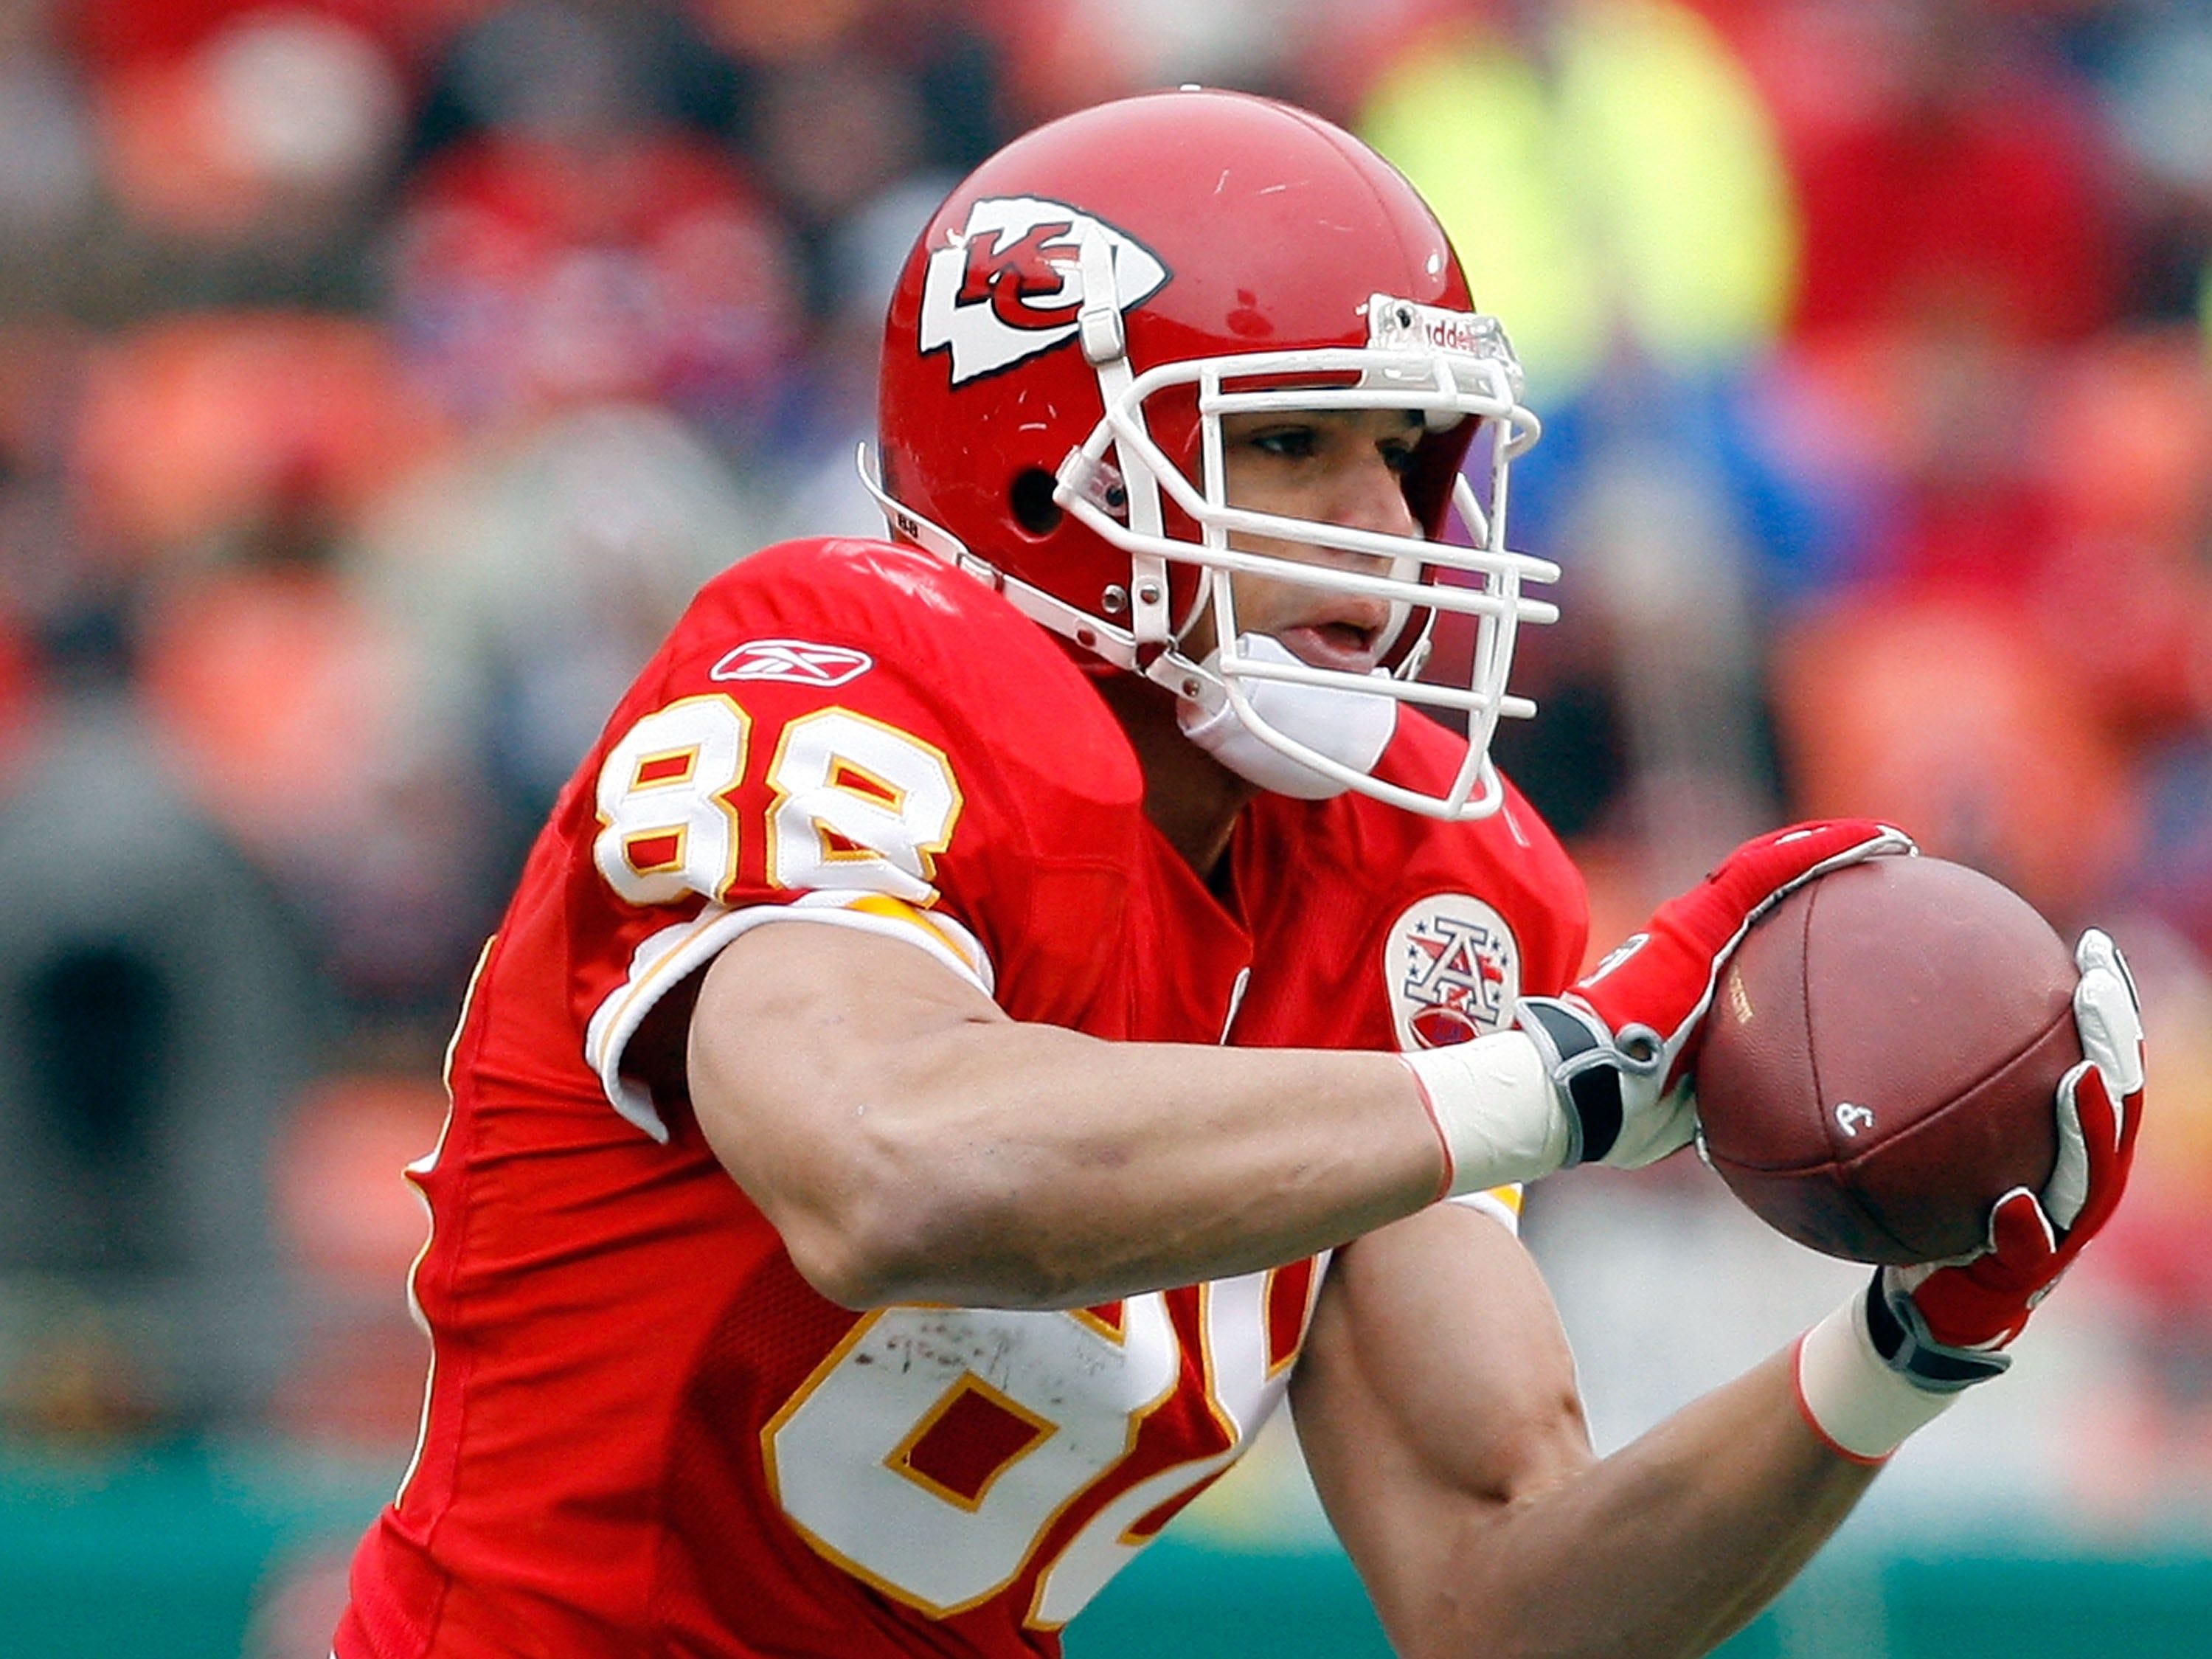 Tony Gonzalez, TE – 1997-2008 Kansas City Chiefs, 2009-2013 Atlanta Falcons